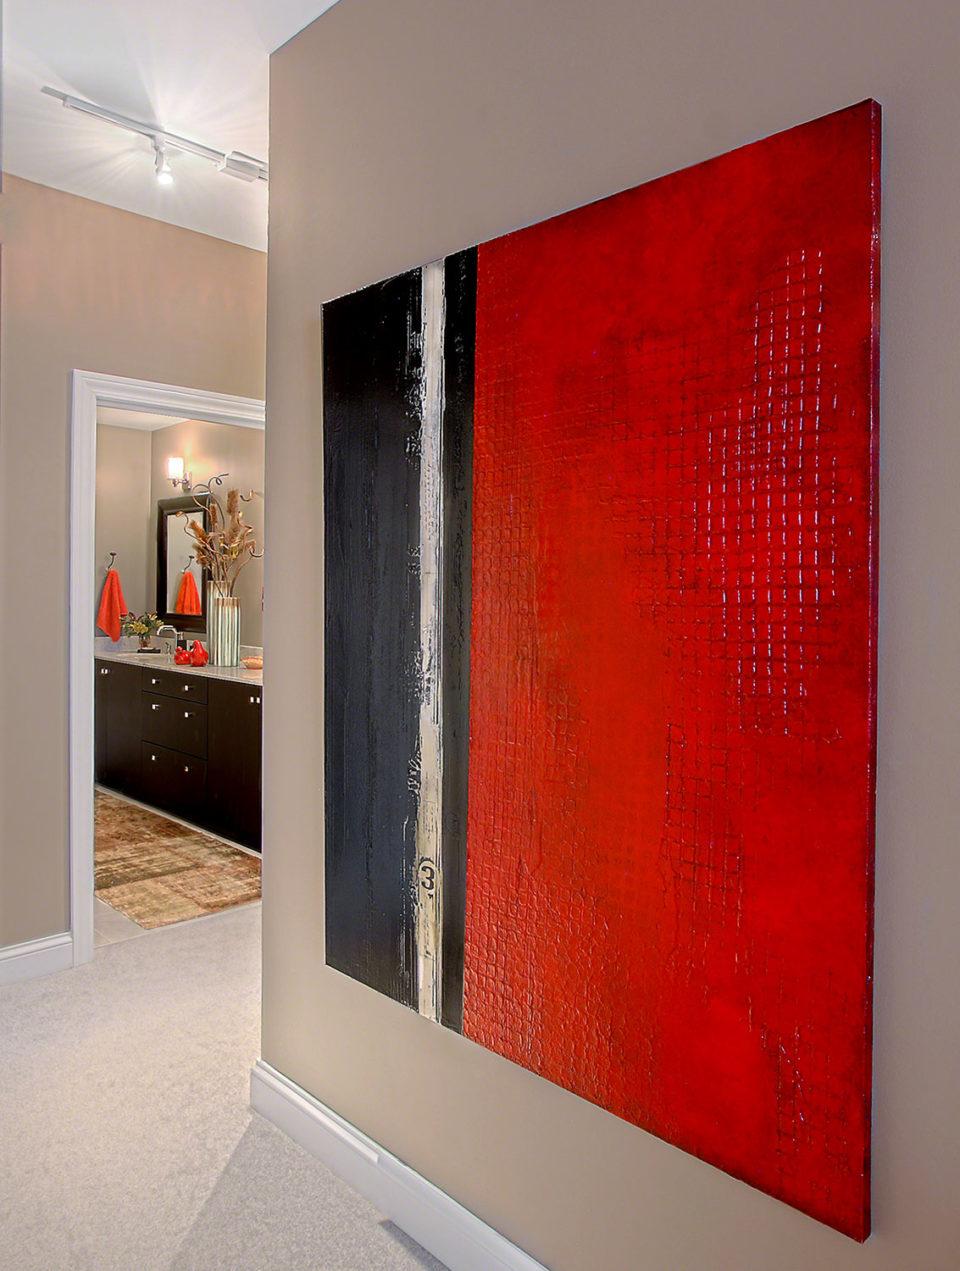 Modern Art Installation in Master Bedroom